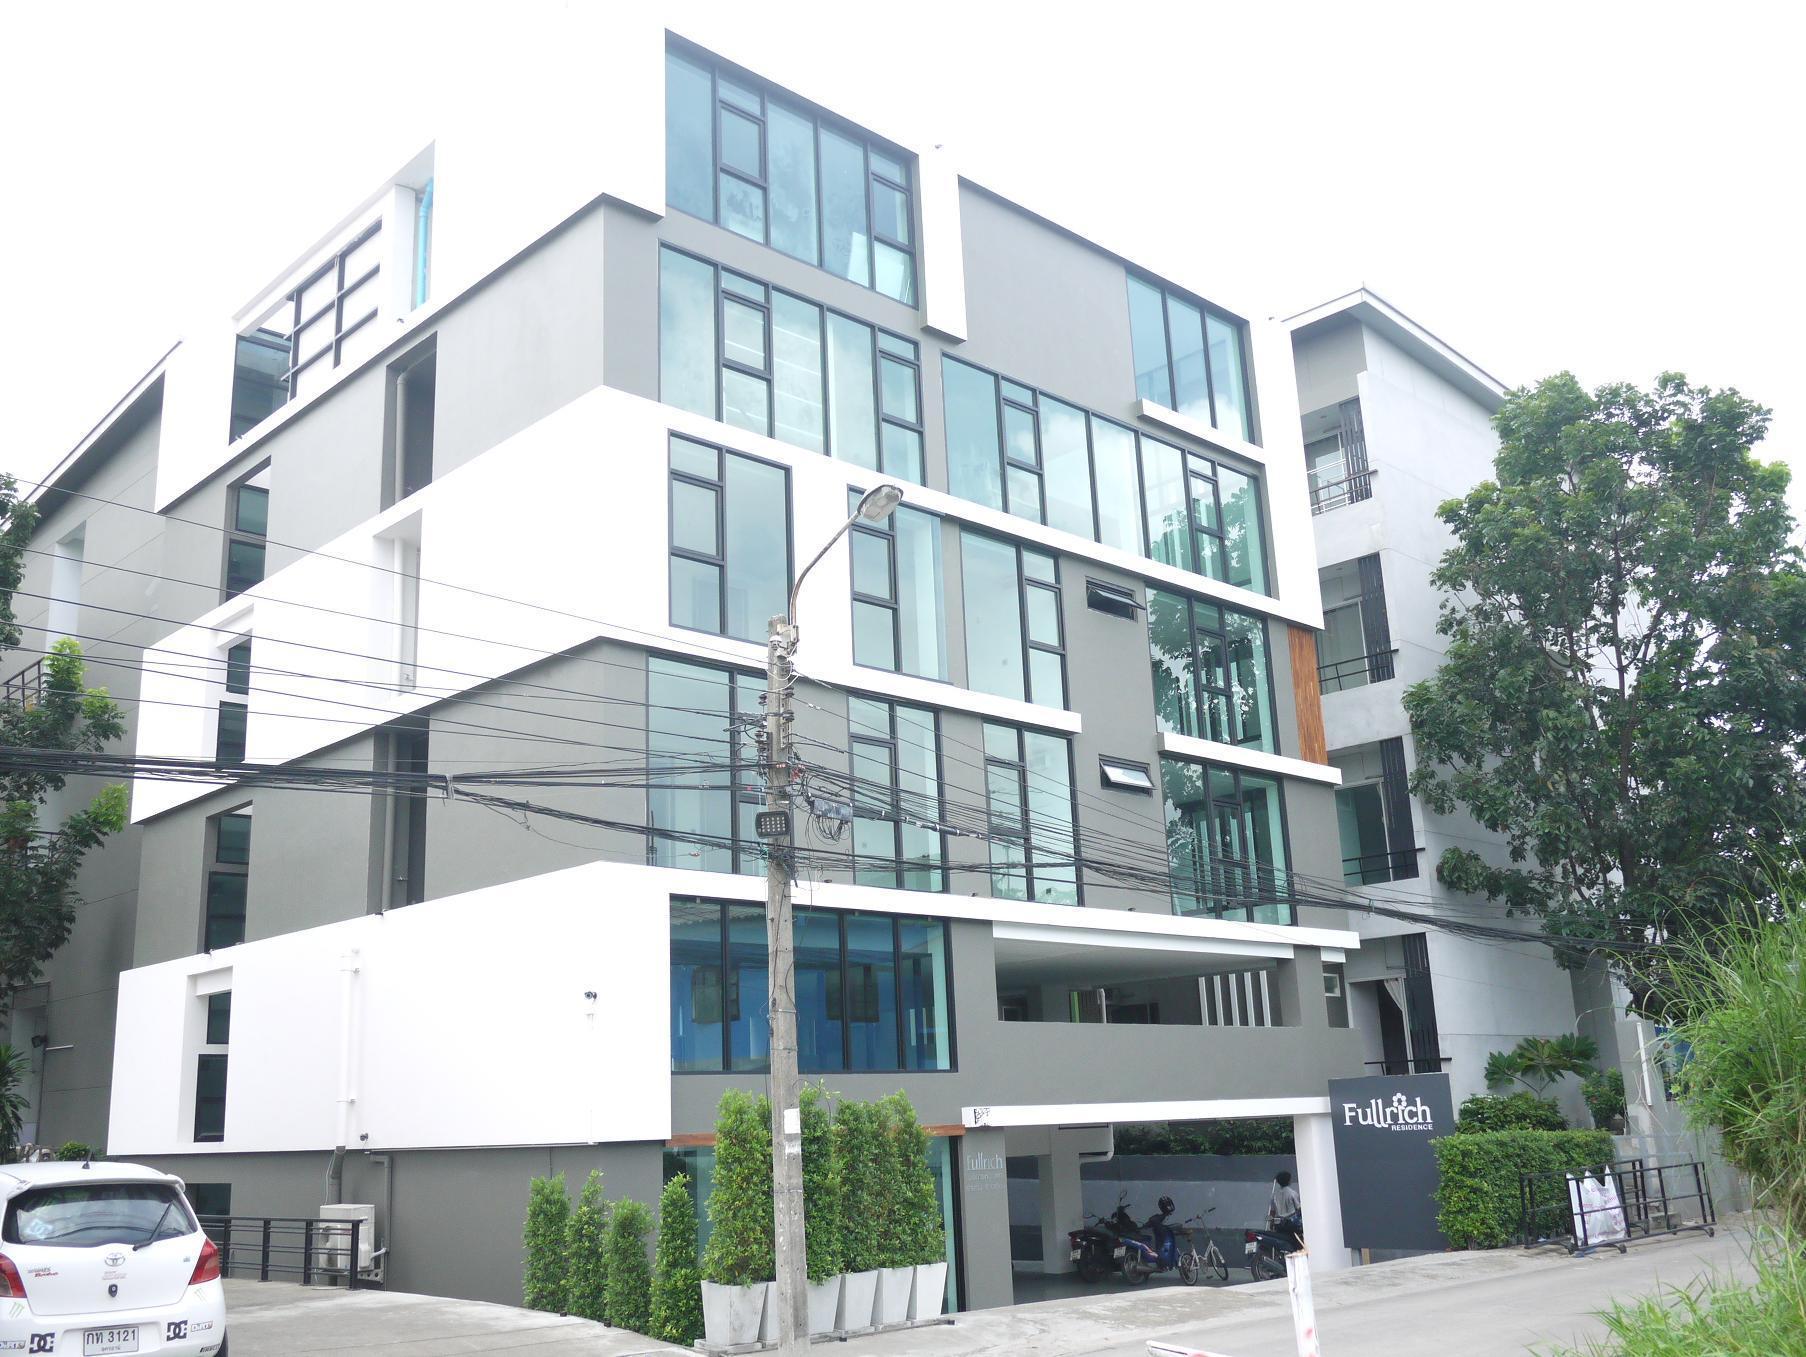 Fullrich Residence